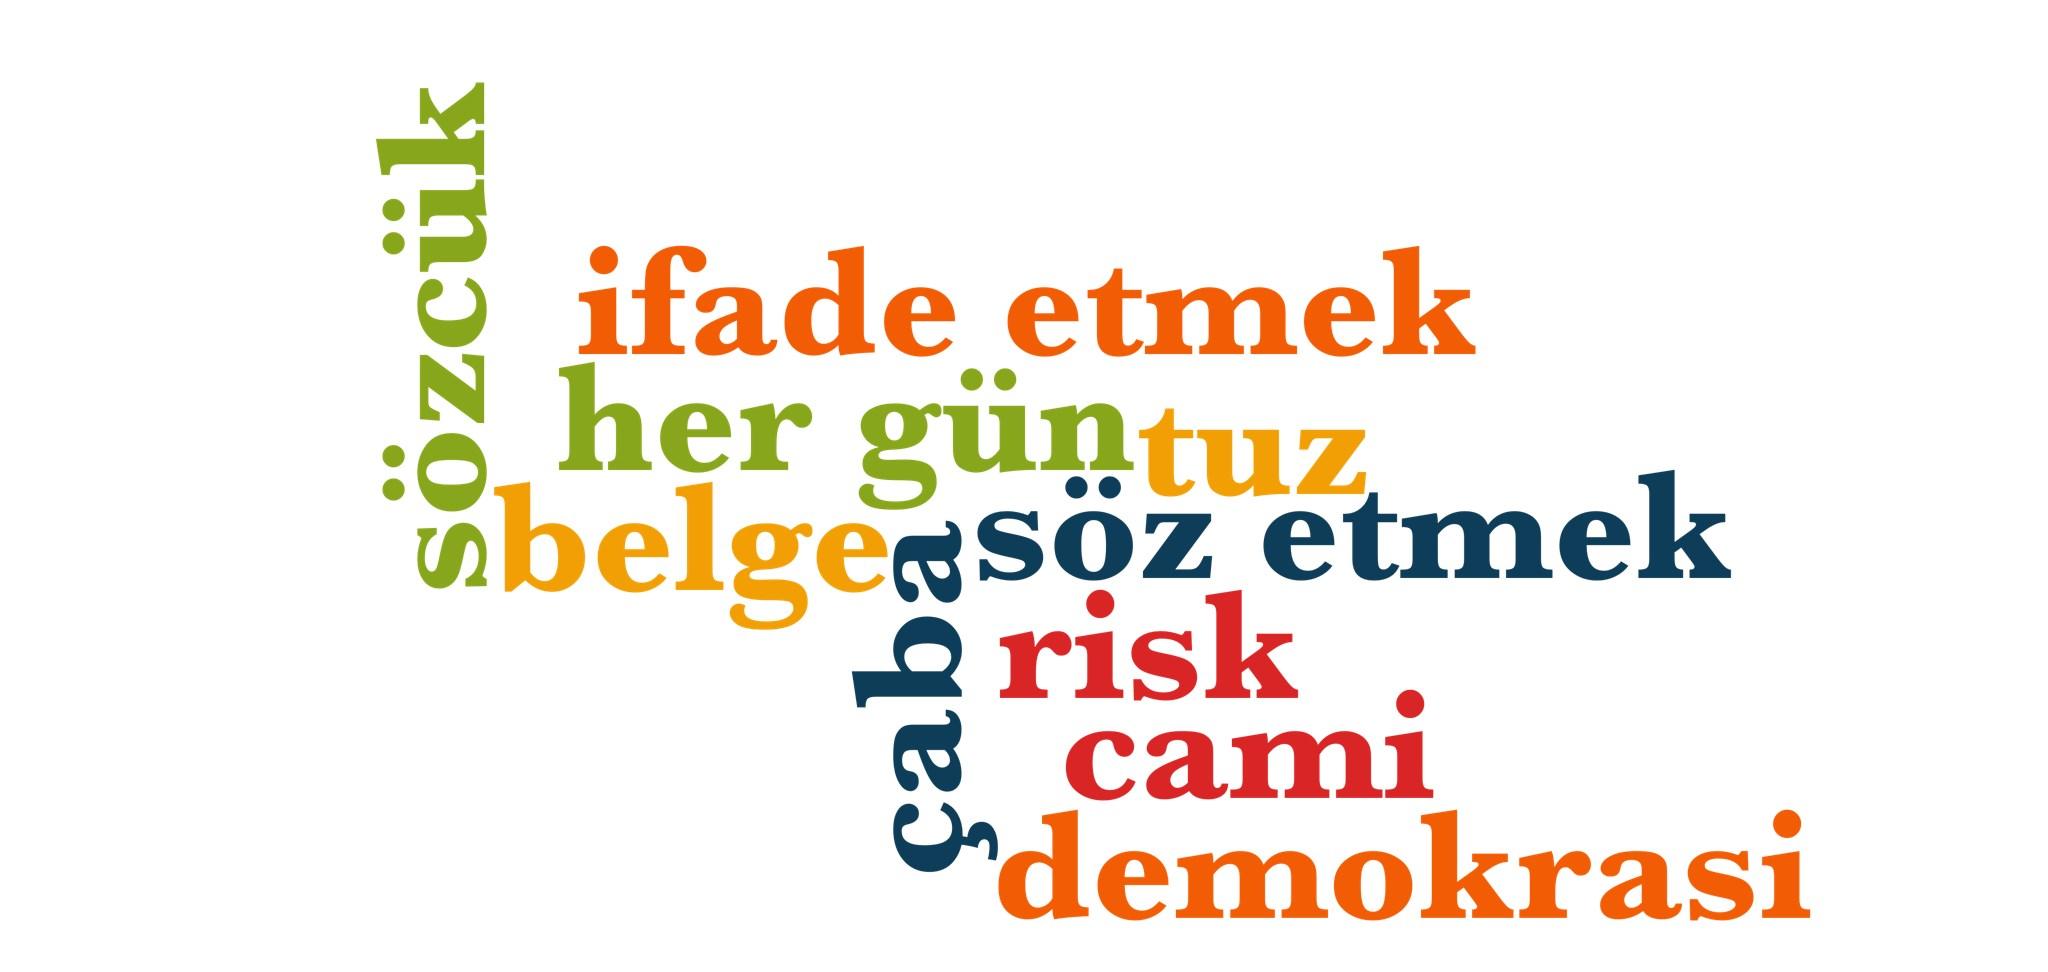 Wörter 861 bis 870 der 1000 häufigsten Wörter der türkischen Sprache